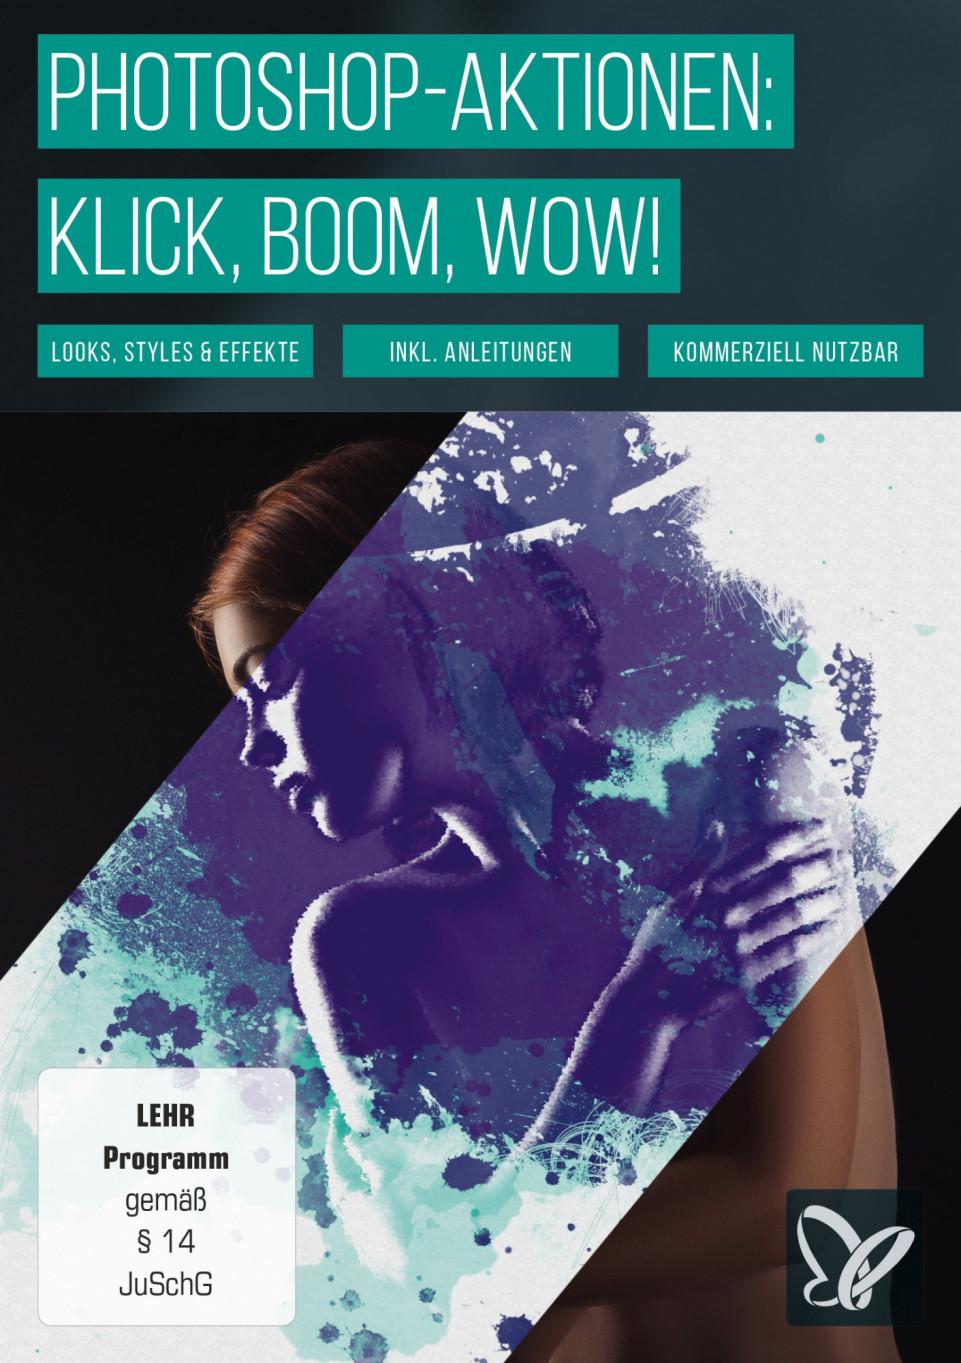 Klick, Boom, Wow! Photoshop-Aktionen der Premiumklasse!